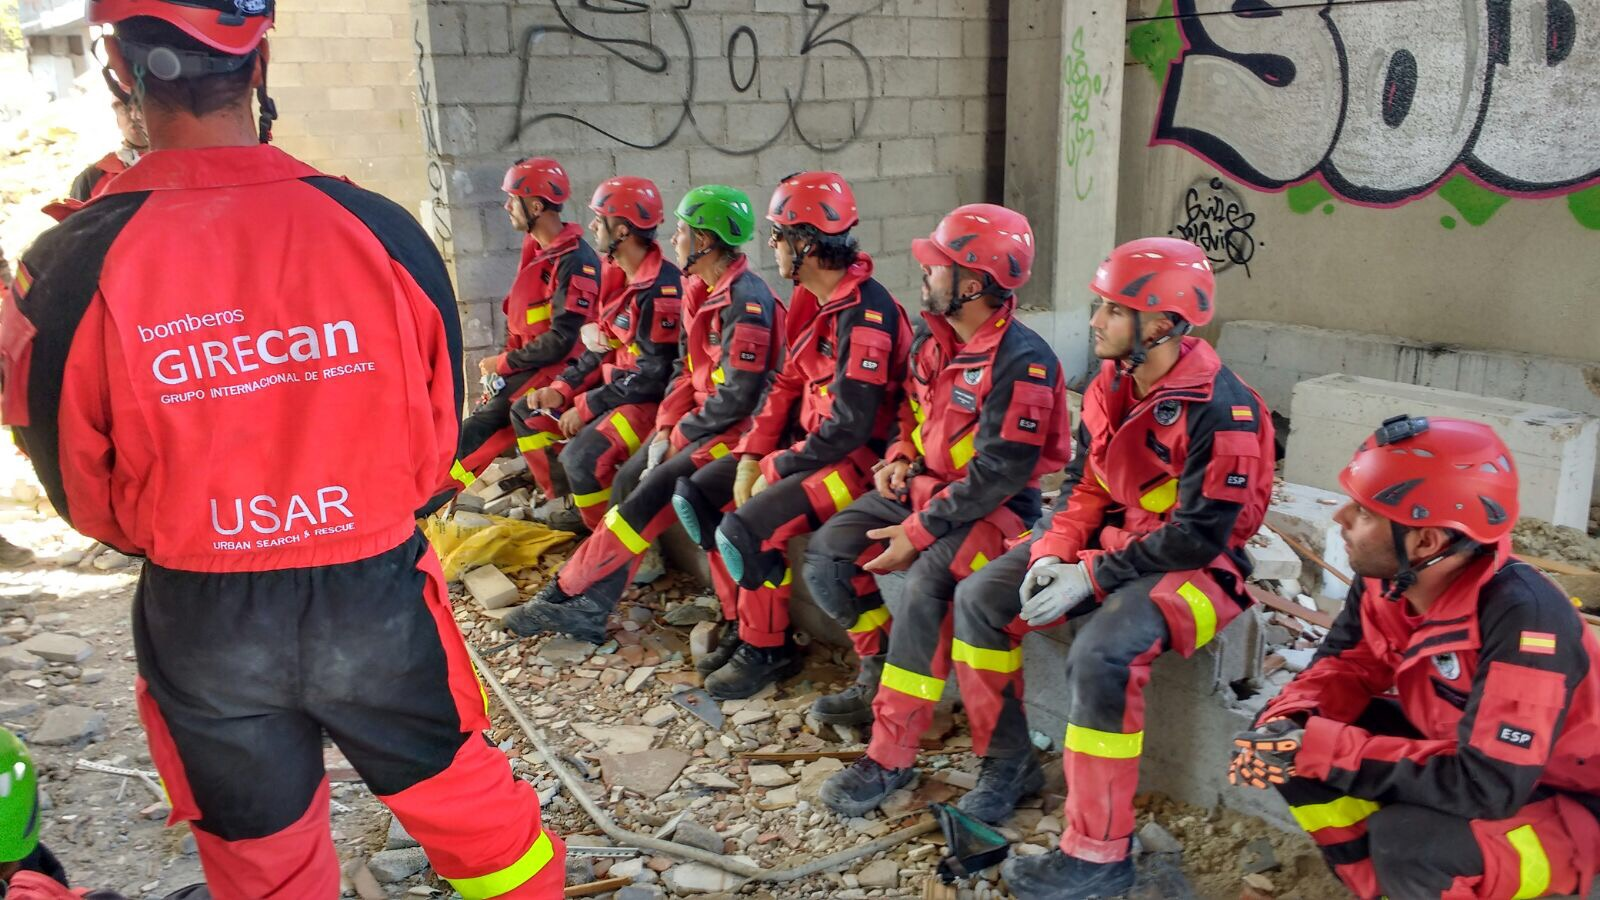 <p>TweetEl lunes 24/7 comenzamos el primer módulo de rescate USAR para los miembros de nuestro equipo de rescate. Contamos con la participación docente de Joaquín Sánchez , Brigada de la Unidad Militar de Emergencias y de dilatada experiencia en metodología USAR INSARAG y autor del blog Rescate Urbano . Así […]</p>